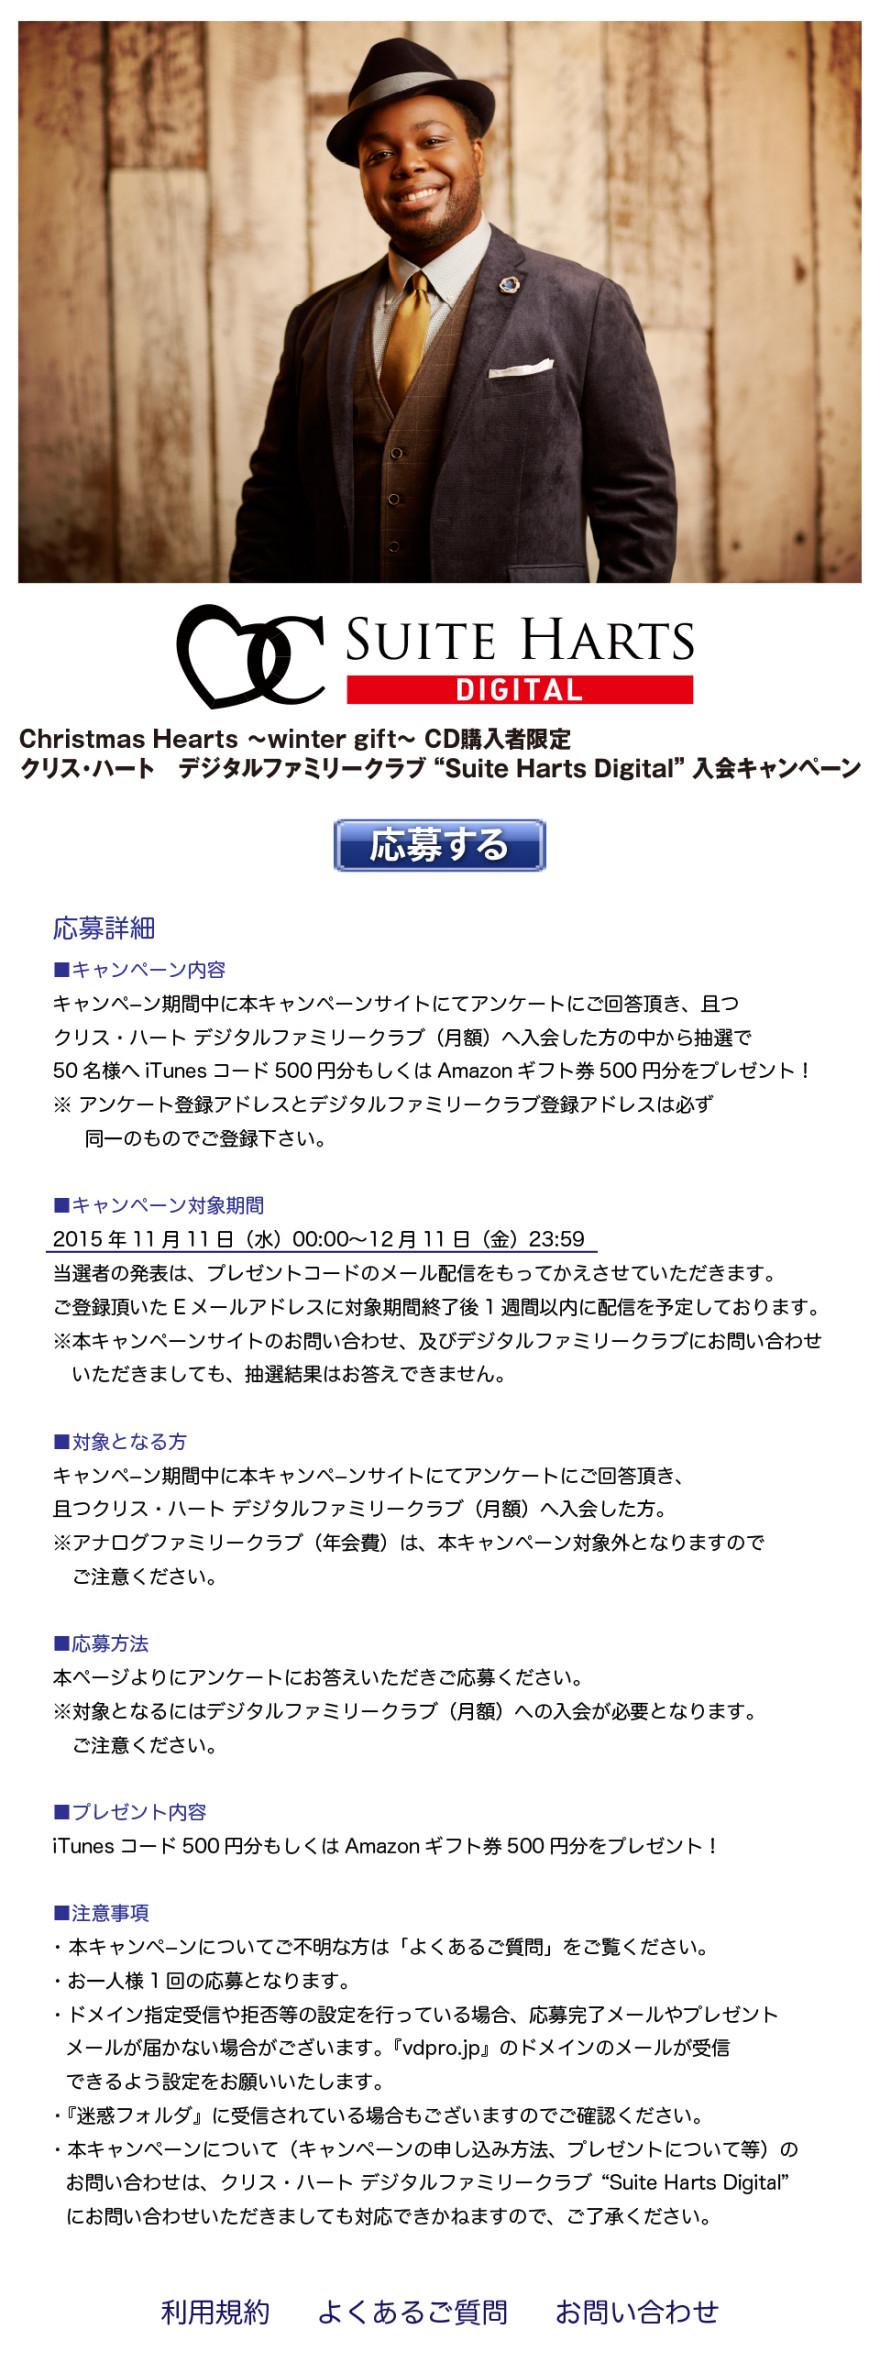 """クリス・ハート デジタルファミリークラブ""""Suite Harts Digital""""入会キャンペーン☆!スタートのお知らせ"""